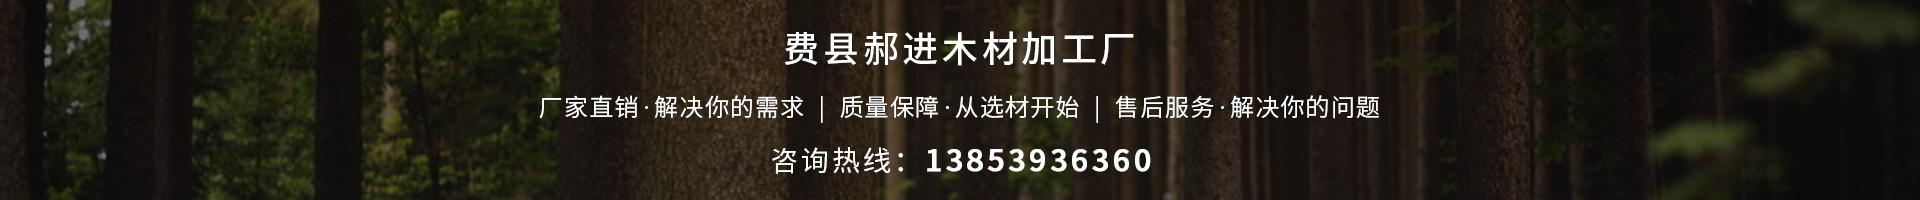 费县郝进木材加工厂位于山东省临沂市费县探沂镇,是一家主要生产沙比利单板的厂家,产品质量保证,规格齐全,深得消费者的信赖,咨询热线:13853936360.